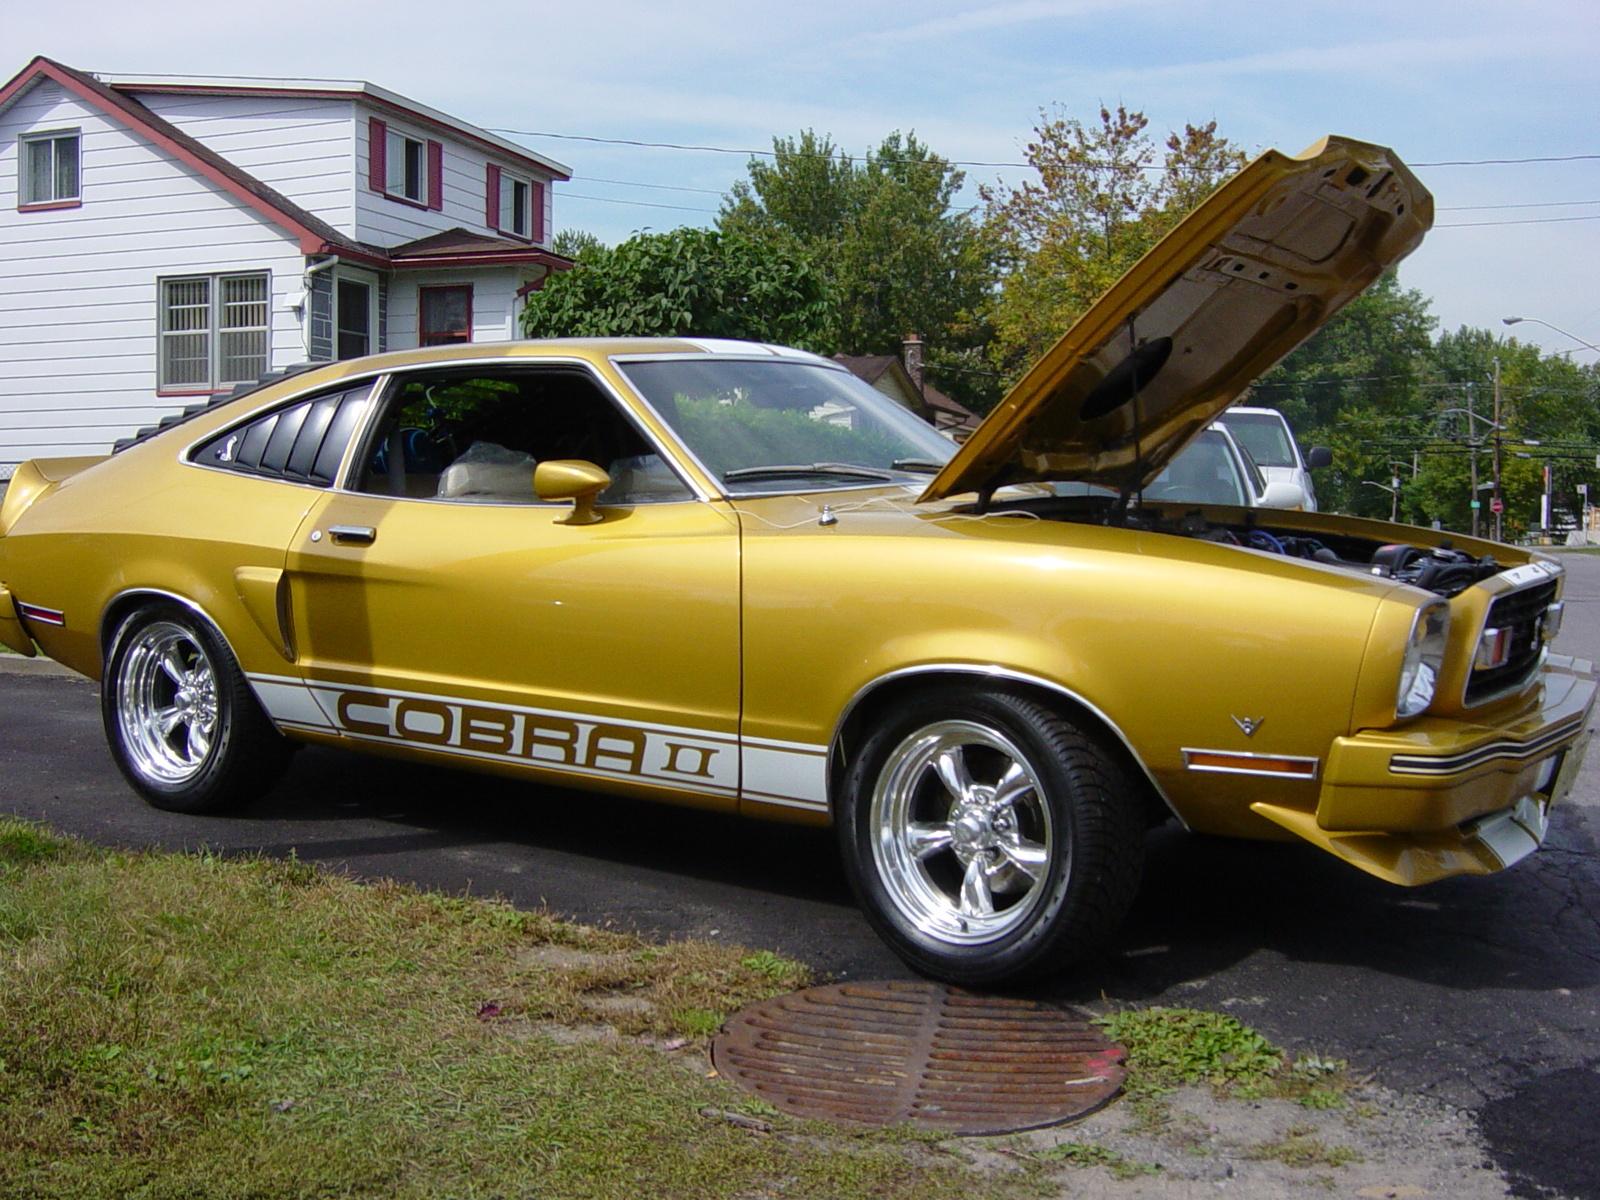 1976 ford mustang cobra ii hatchback. Black Bedroom Furniture Sets. Home Design Ideas